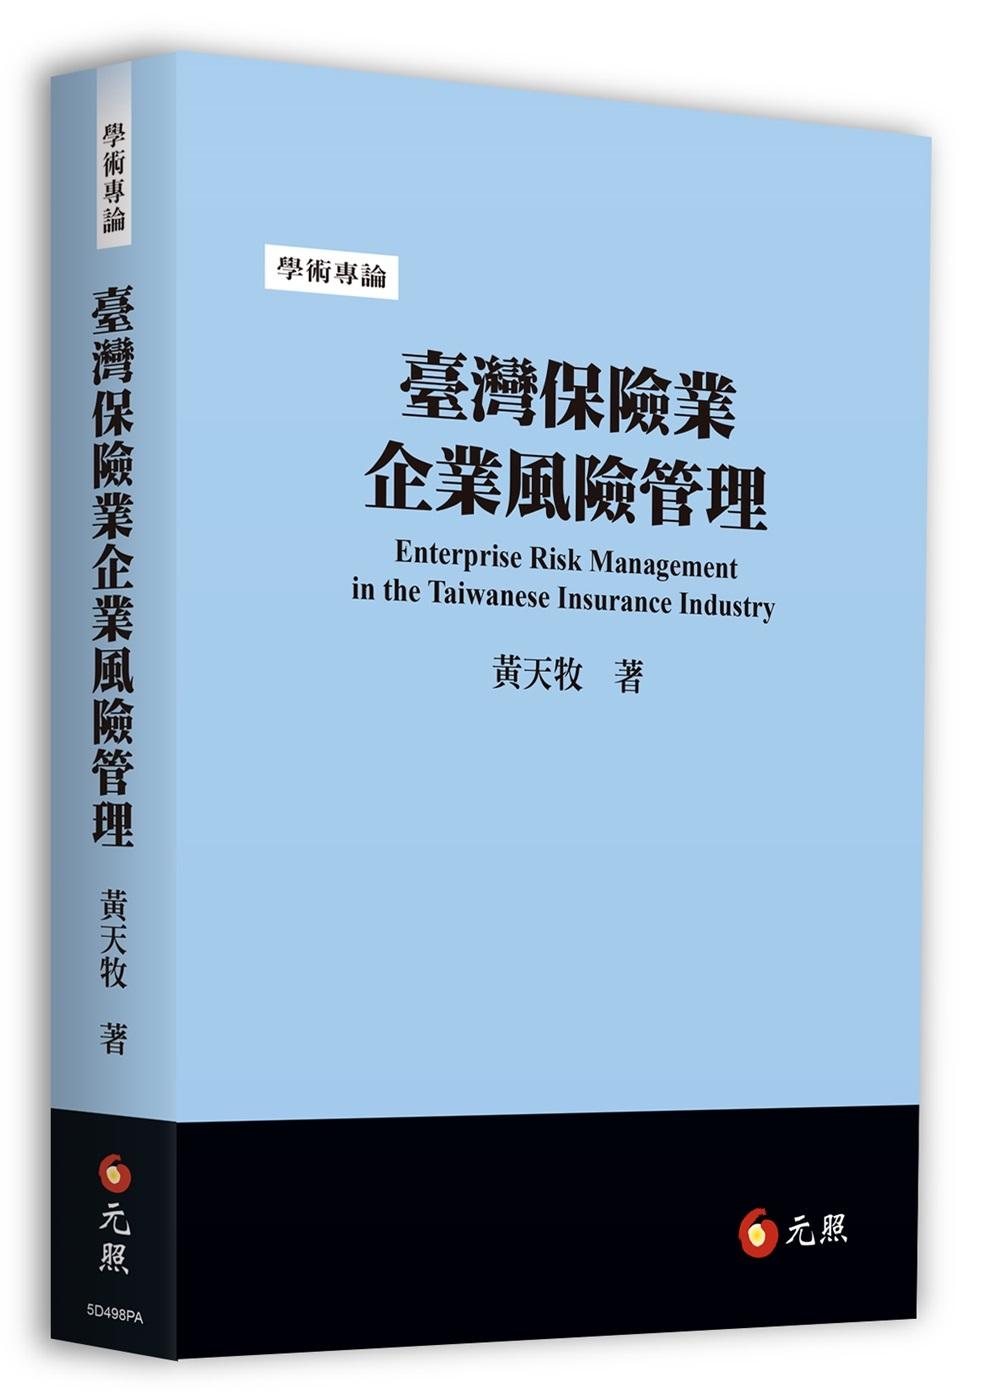 臺灣保險業企業風險管理